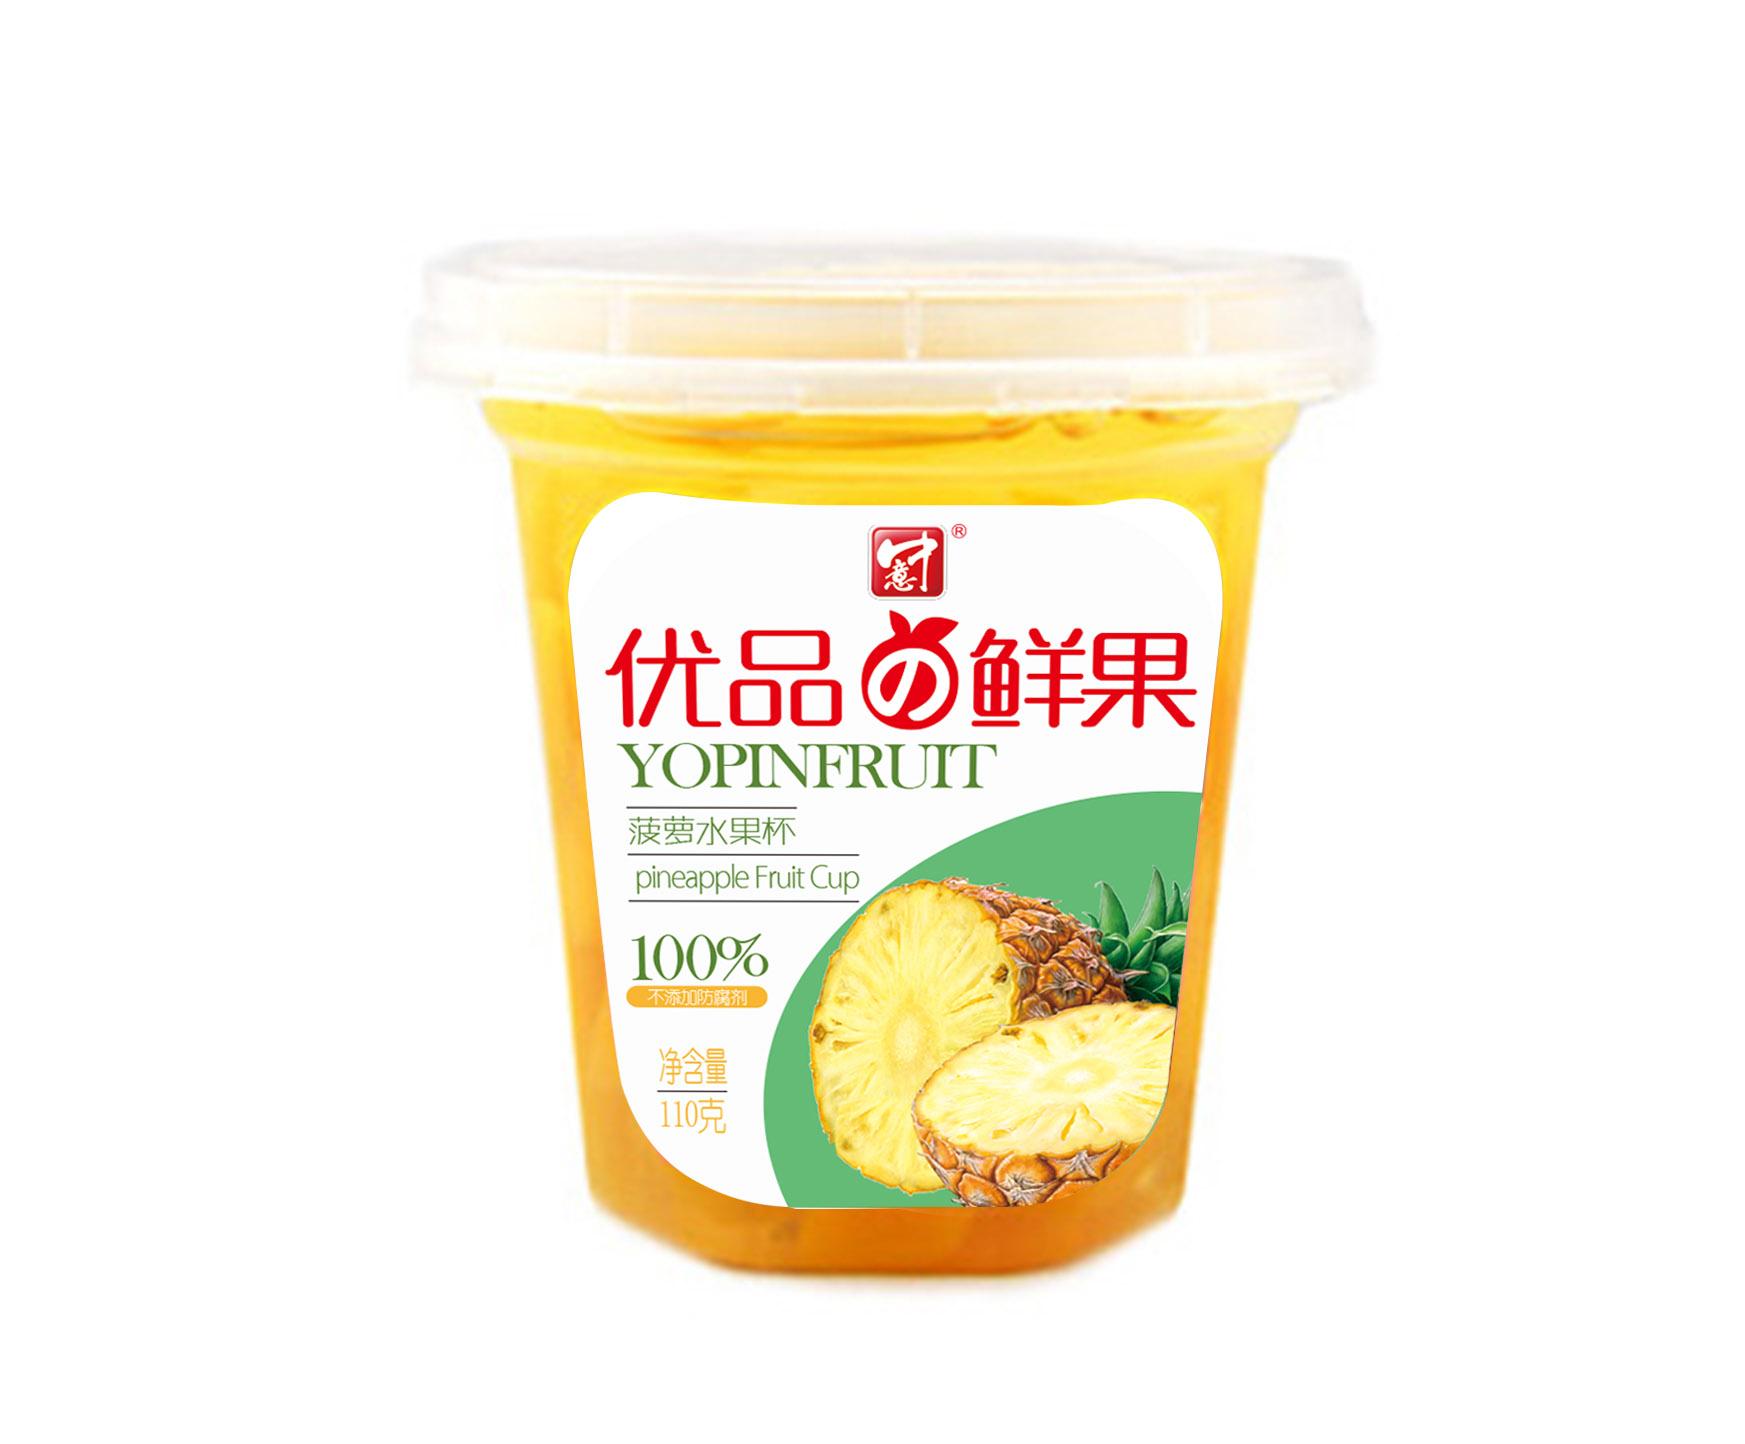 优品鲜果-水果罐头包装设计